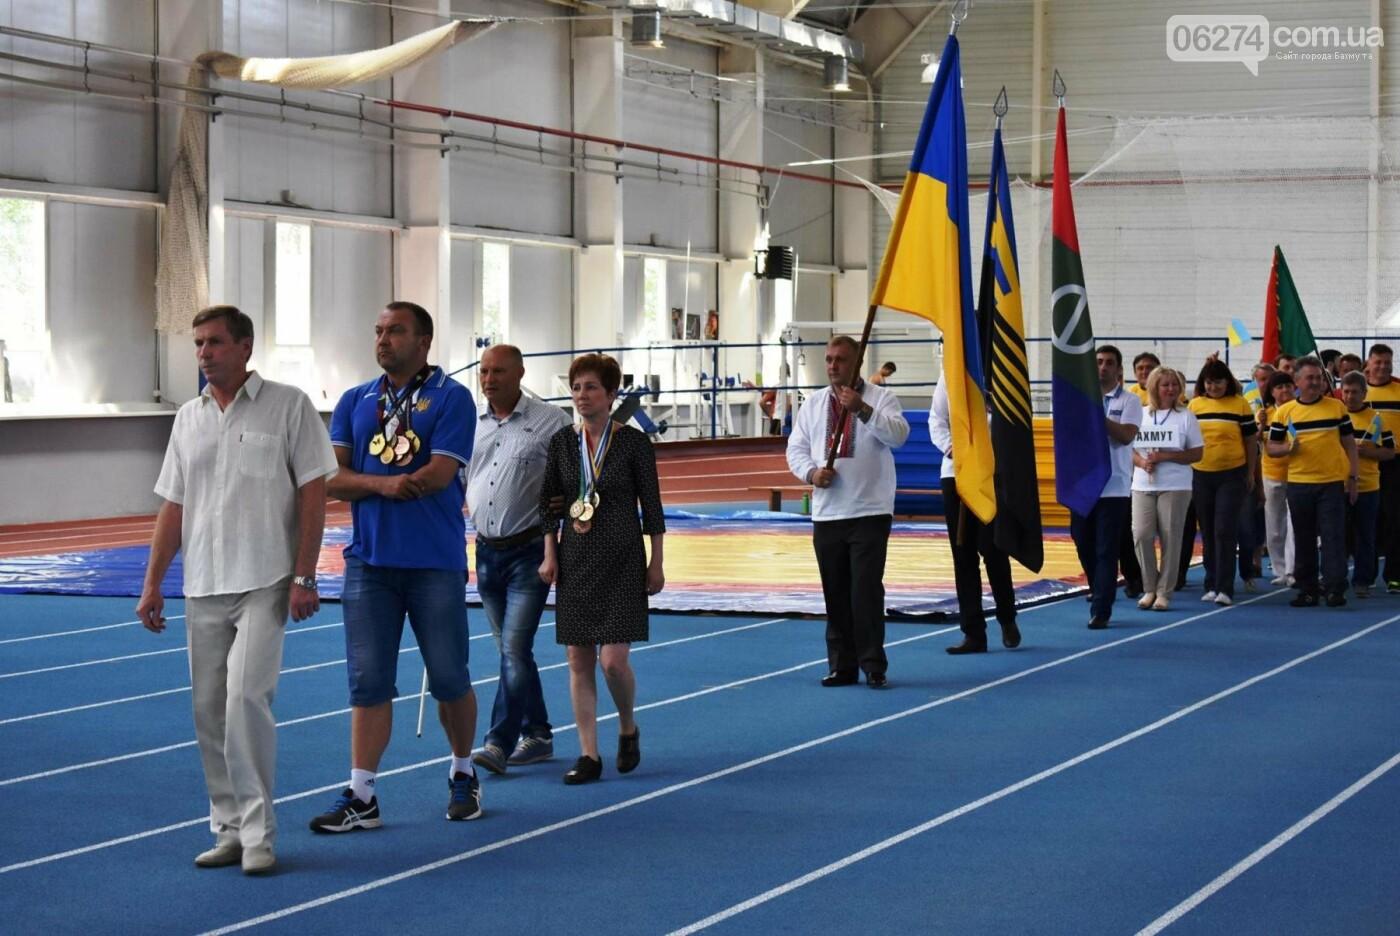 Бахмут четвертый раз принял всеукраинскую спартакиаду «Сила духа», фото-4